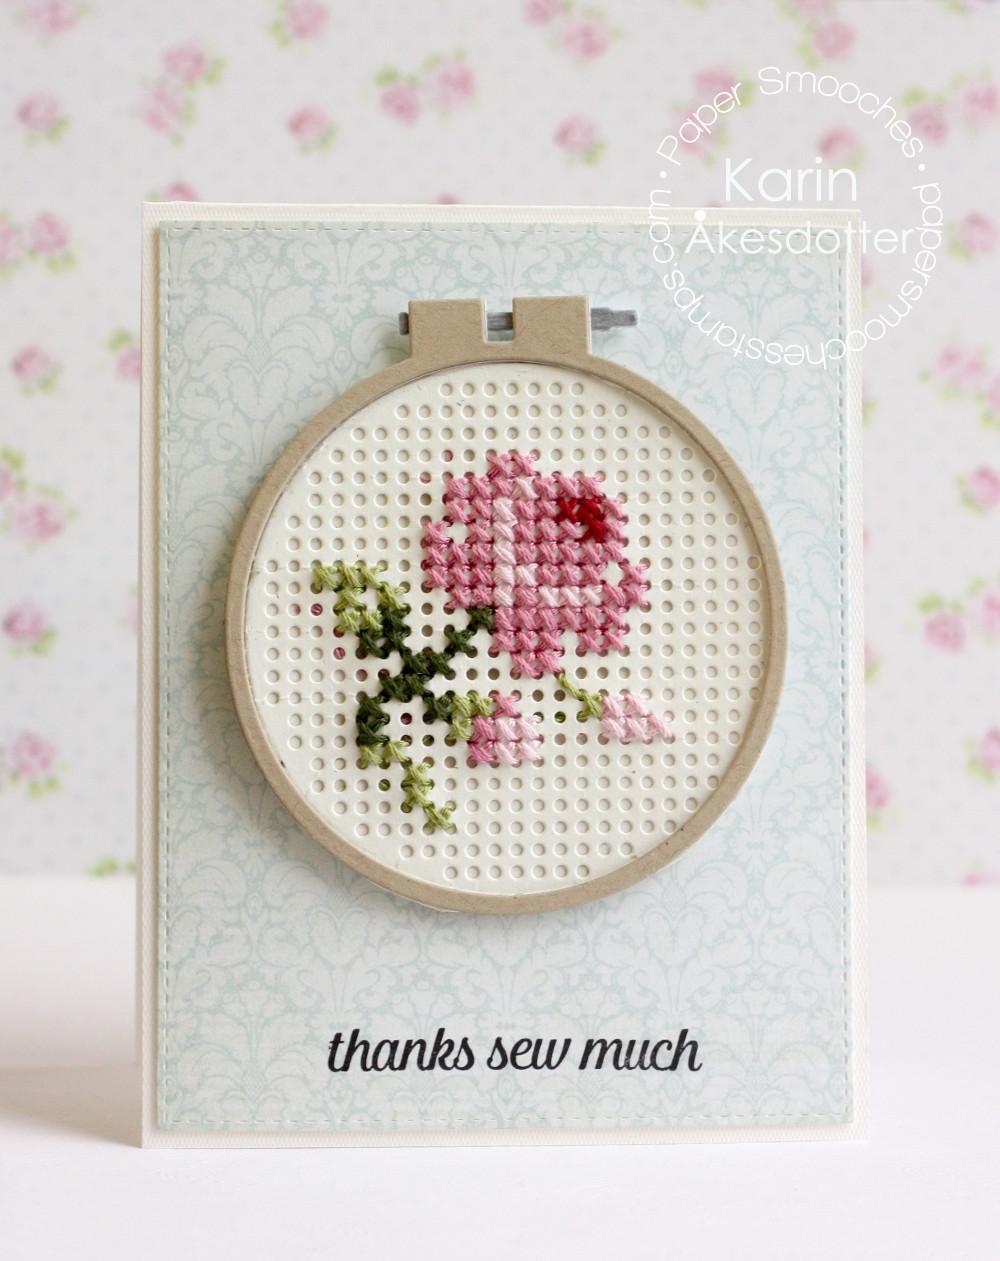 Paper Smooches Stitched Circle에 대한 이미지 검색결과